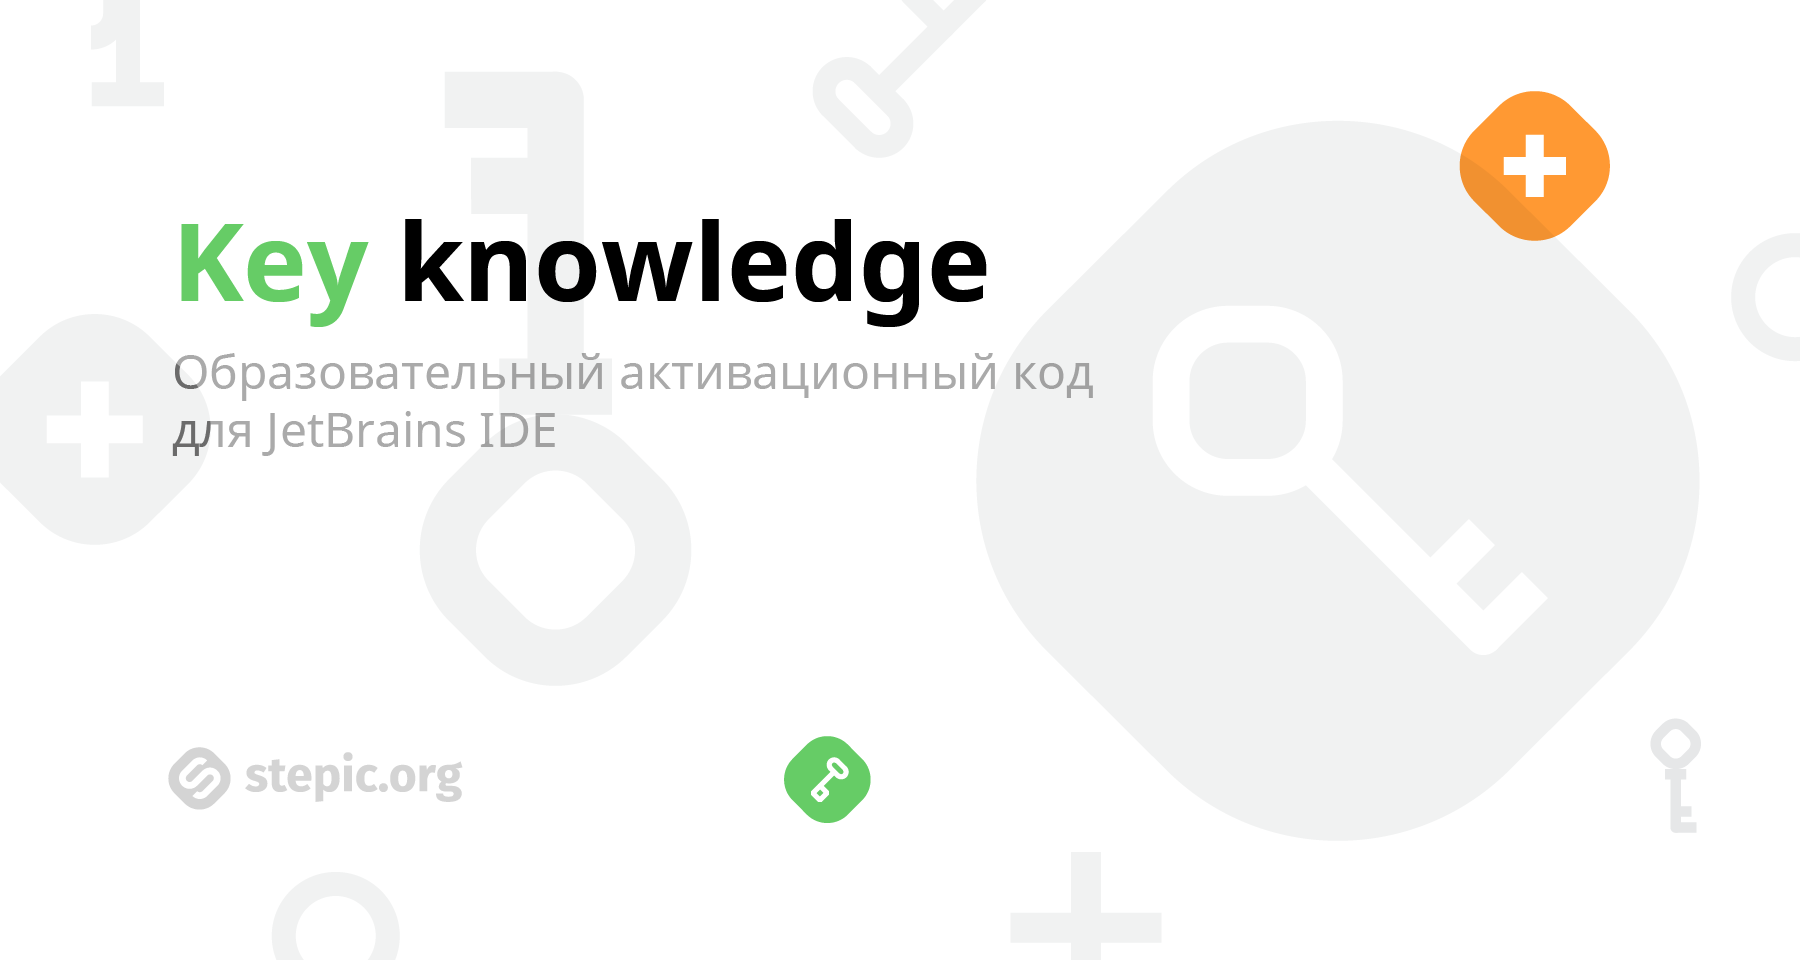 Ключ от продуктов JetBrains всем учащимся на Stepic.org - 1